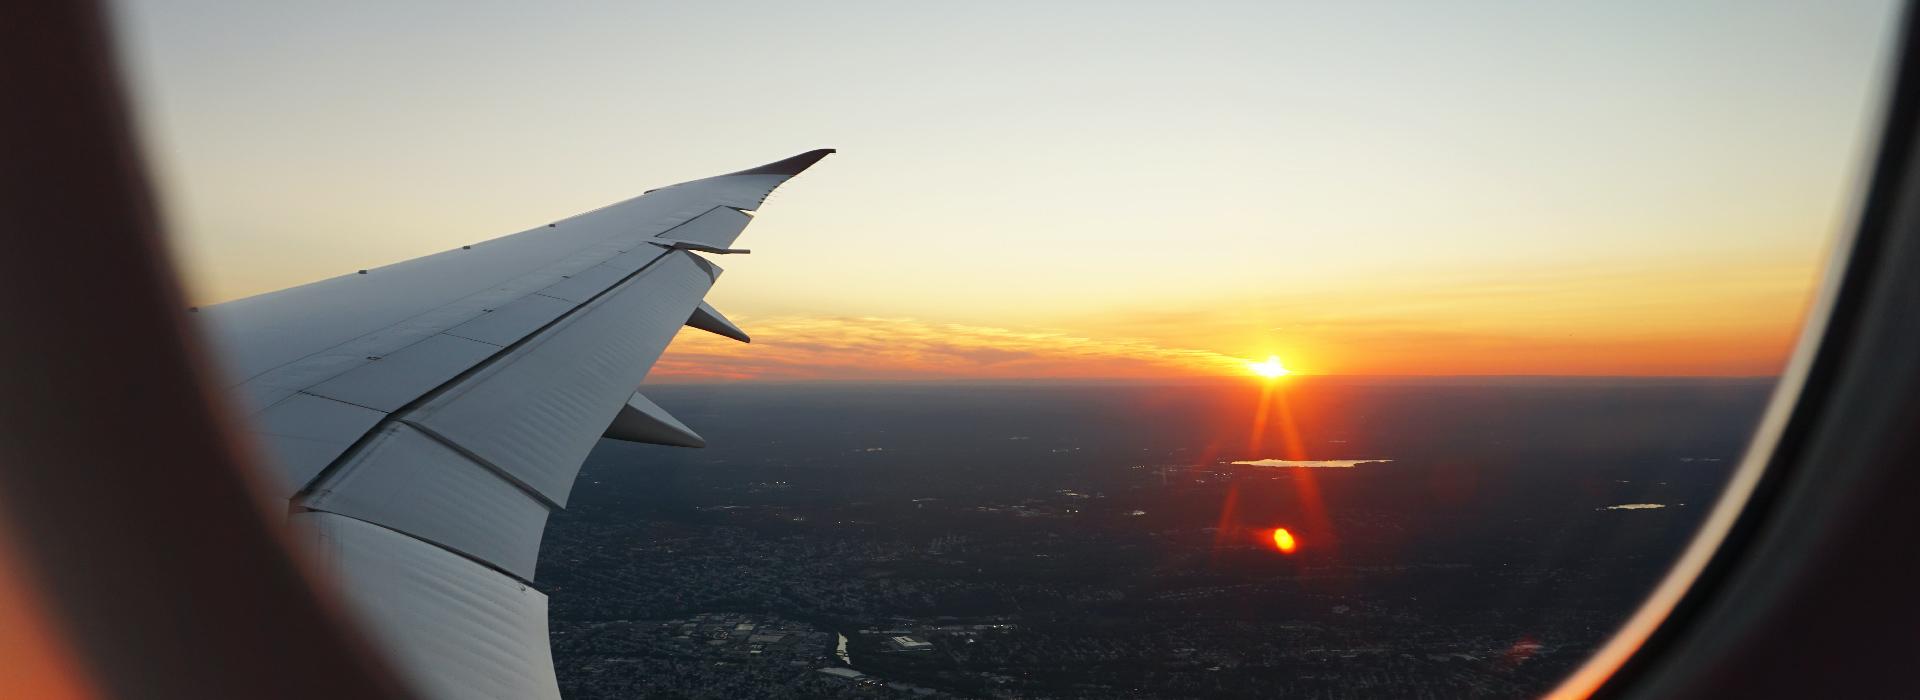 Ayudas a pymes de la cadena de valor de los sectores aeroespacial y otras avanzados del transporte